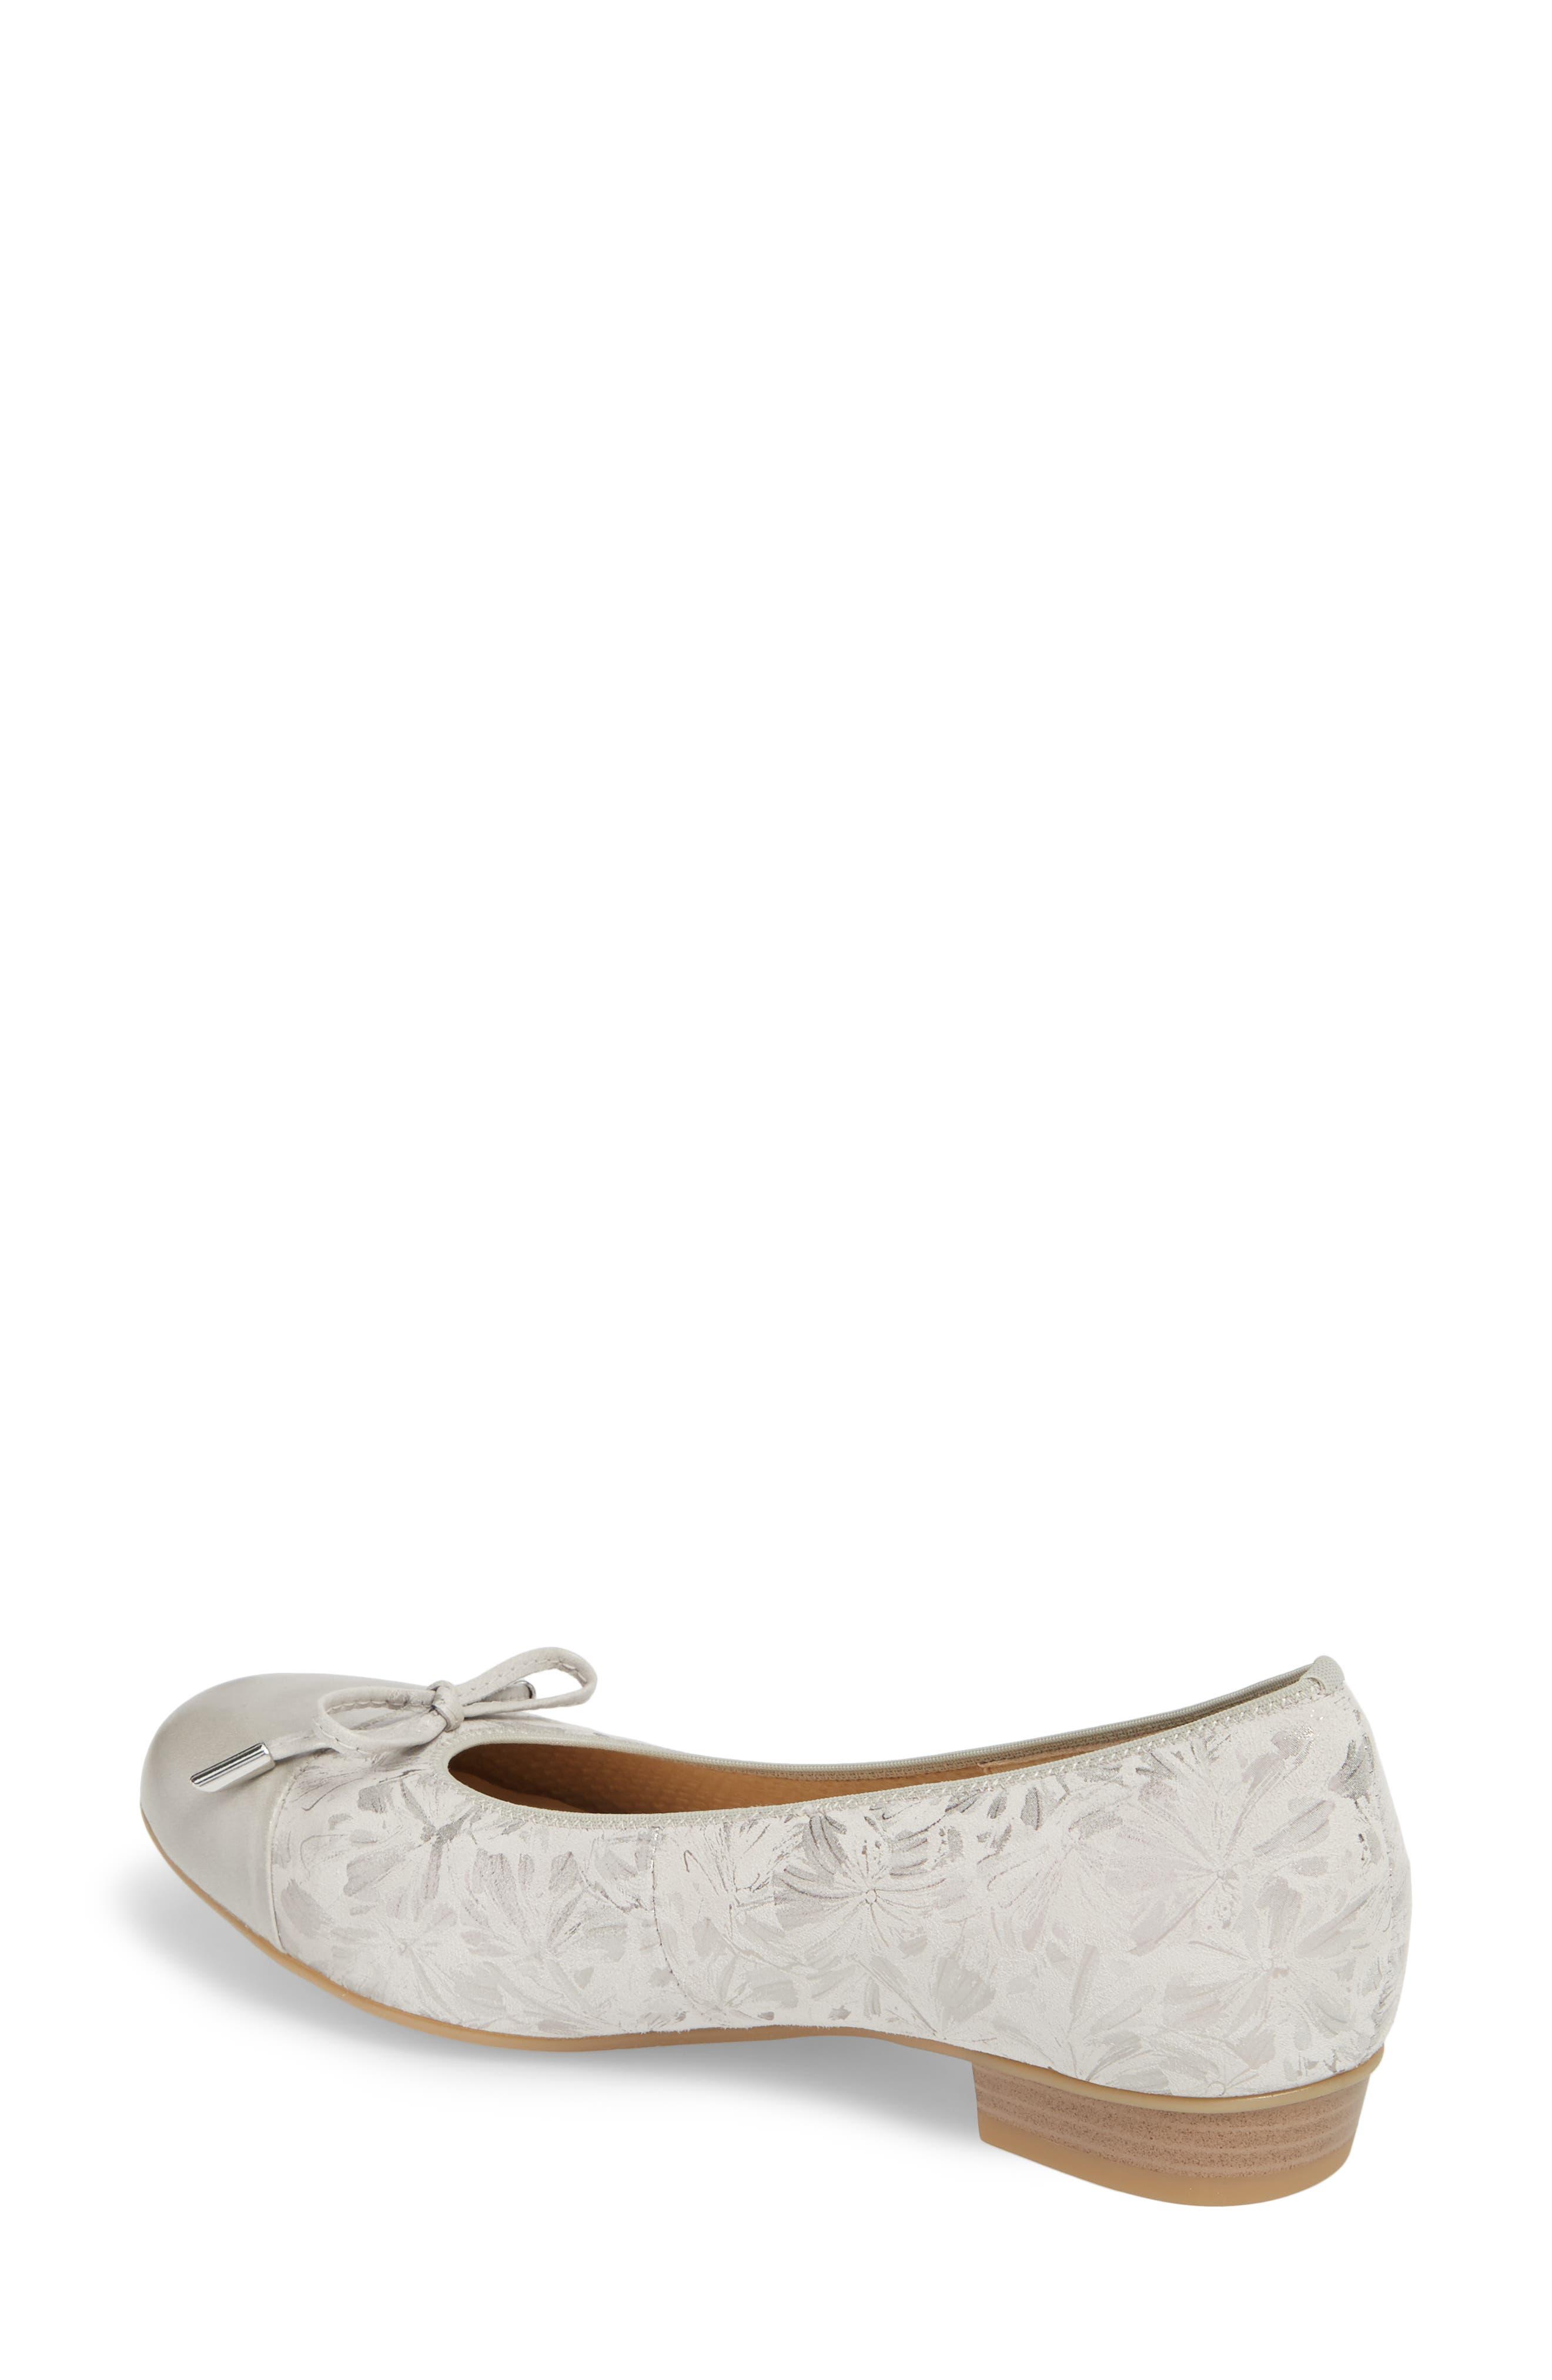 4d7a5ea7 Women's Ara Shoes   Nordstrom